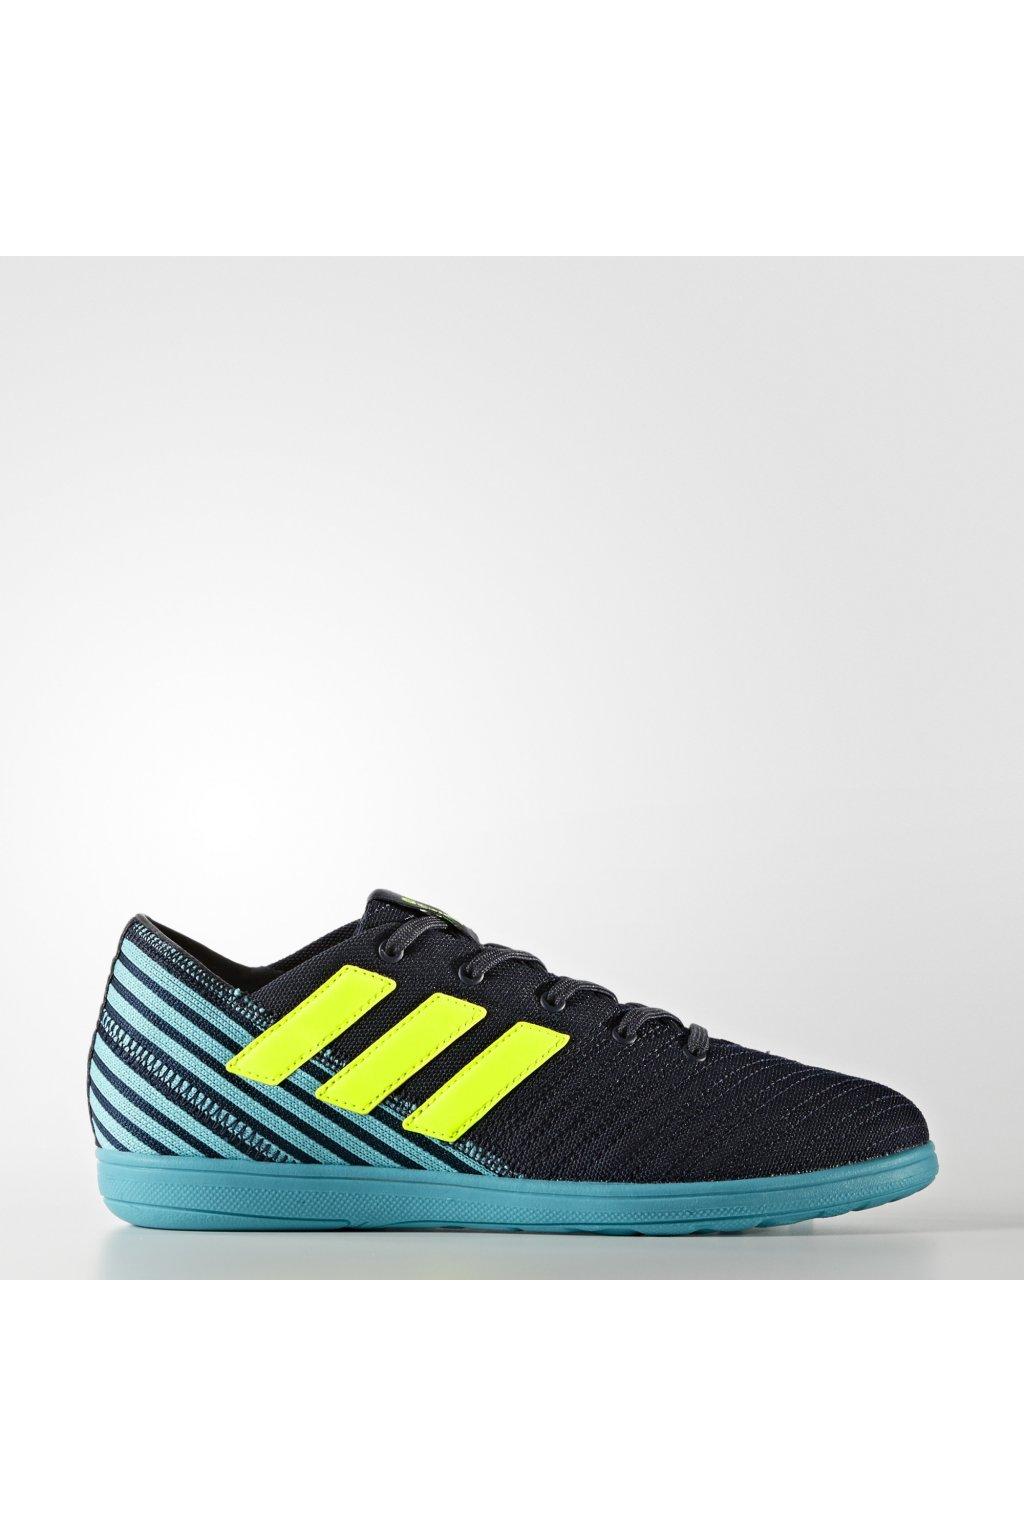 halove kopacky adidas nemeziz cg3033 (1)